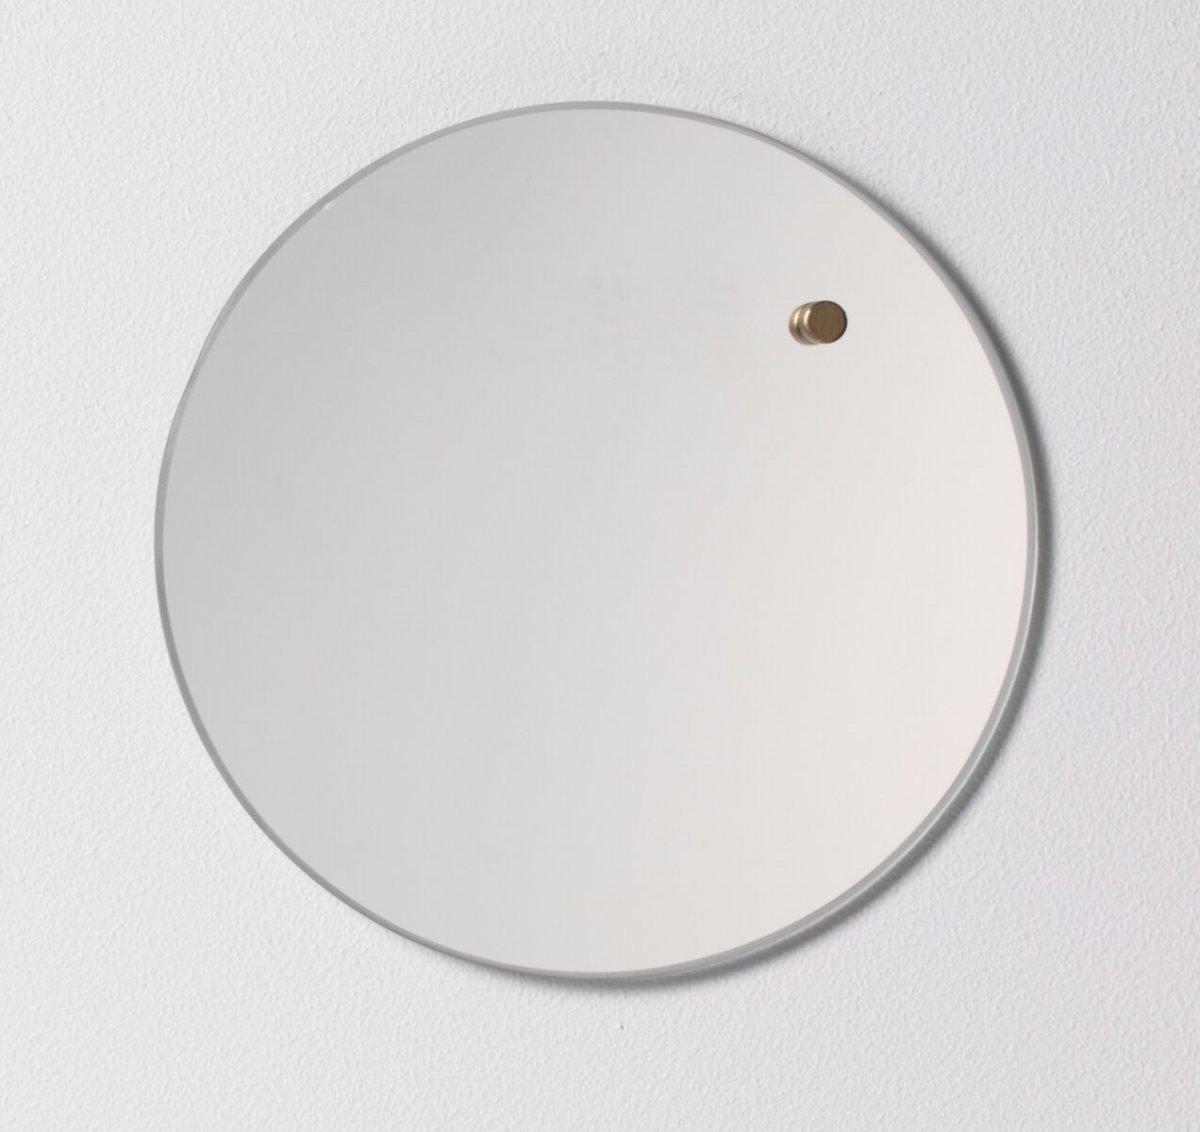 NAGA nord magnetisk opslagstavle, 25 cm, spejl